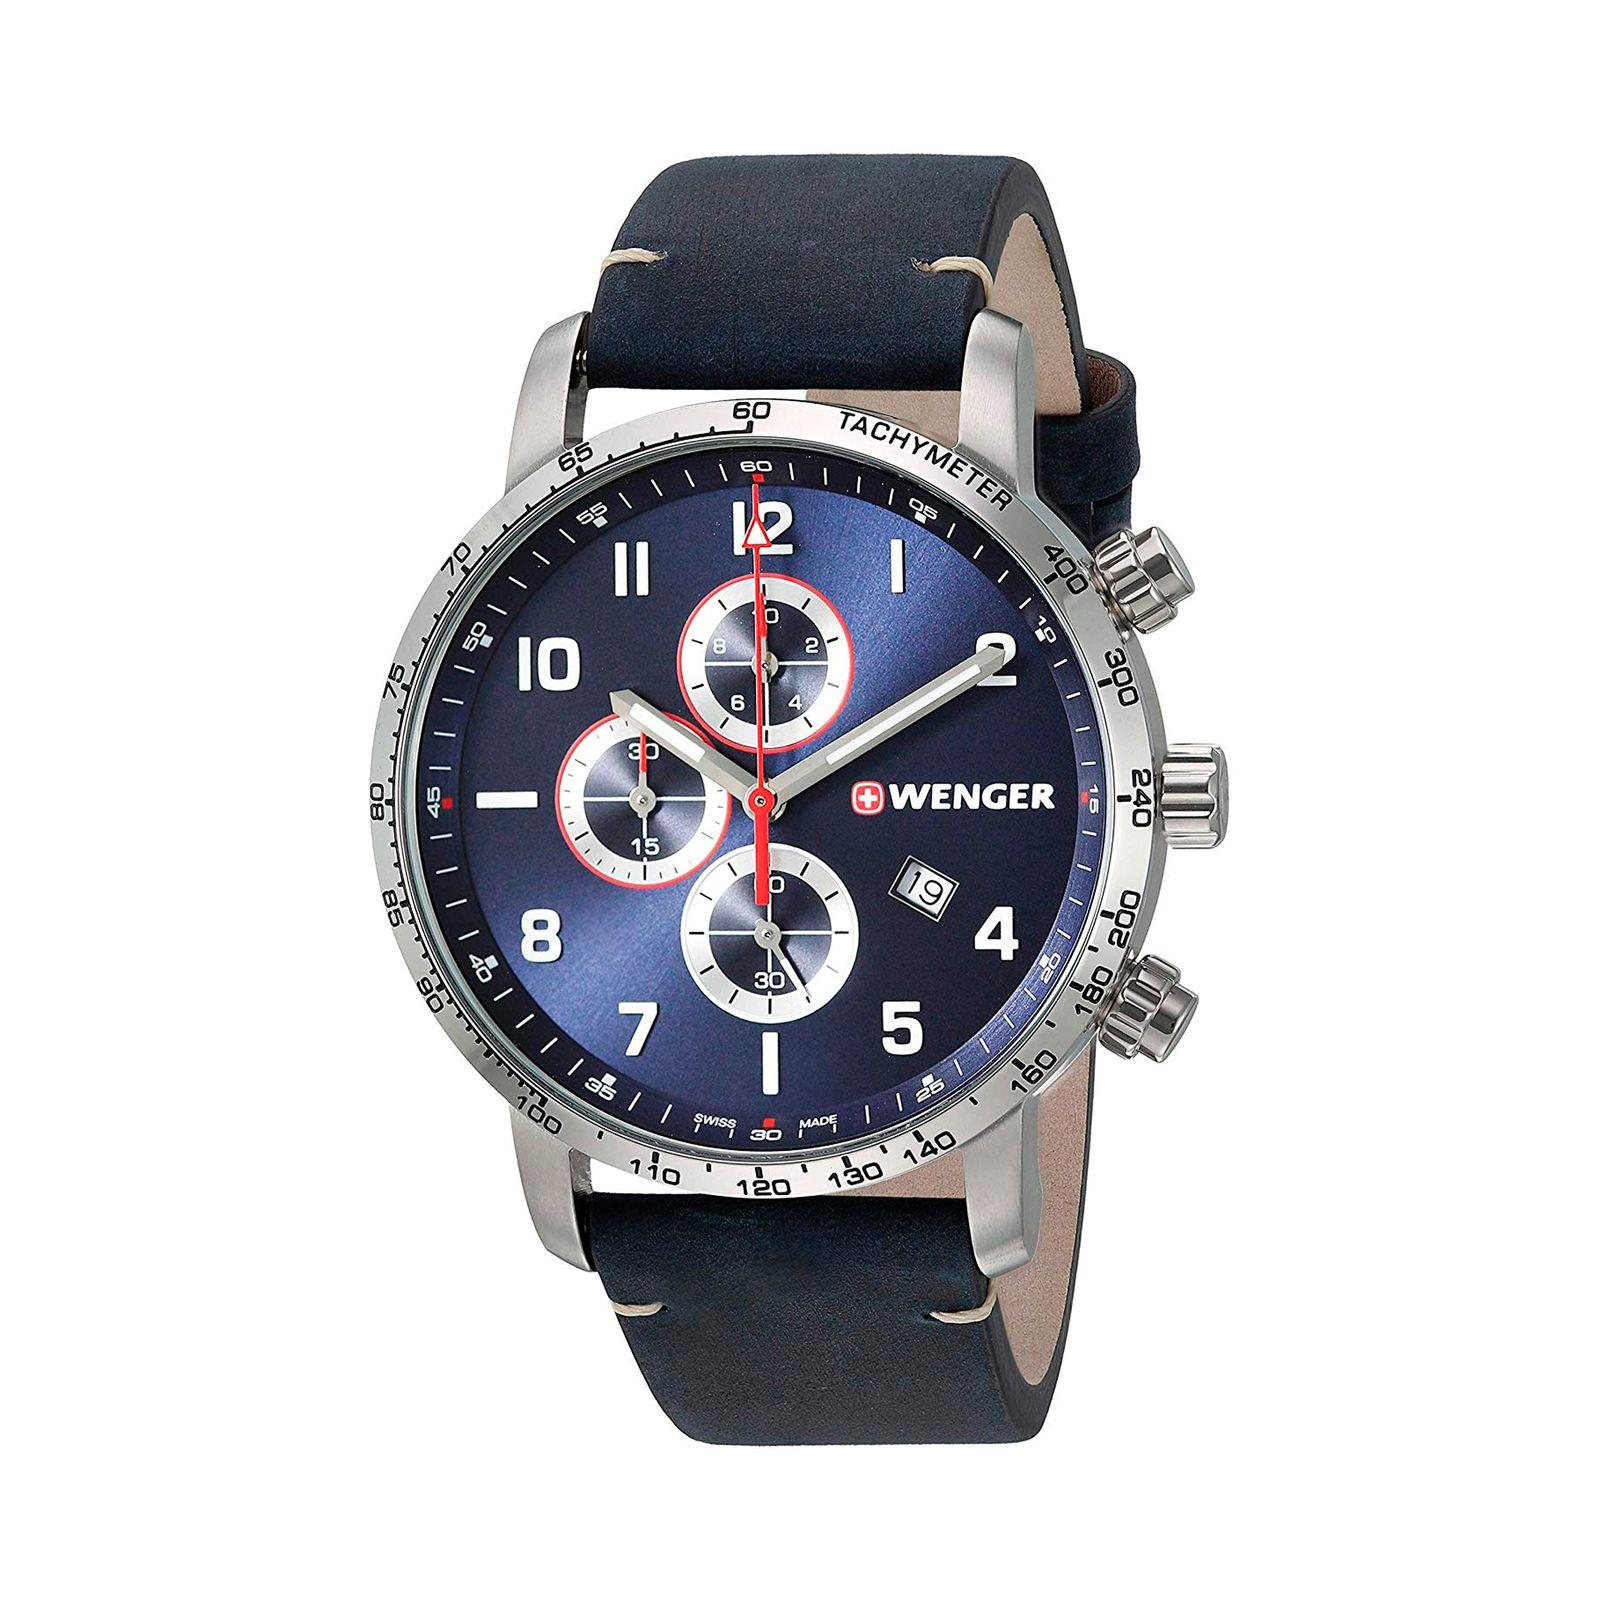 ساعت مچی عقربه ای مردانه ونگر مدل 01.1543.109 -  - 2